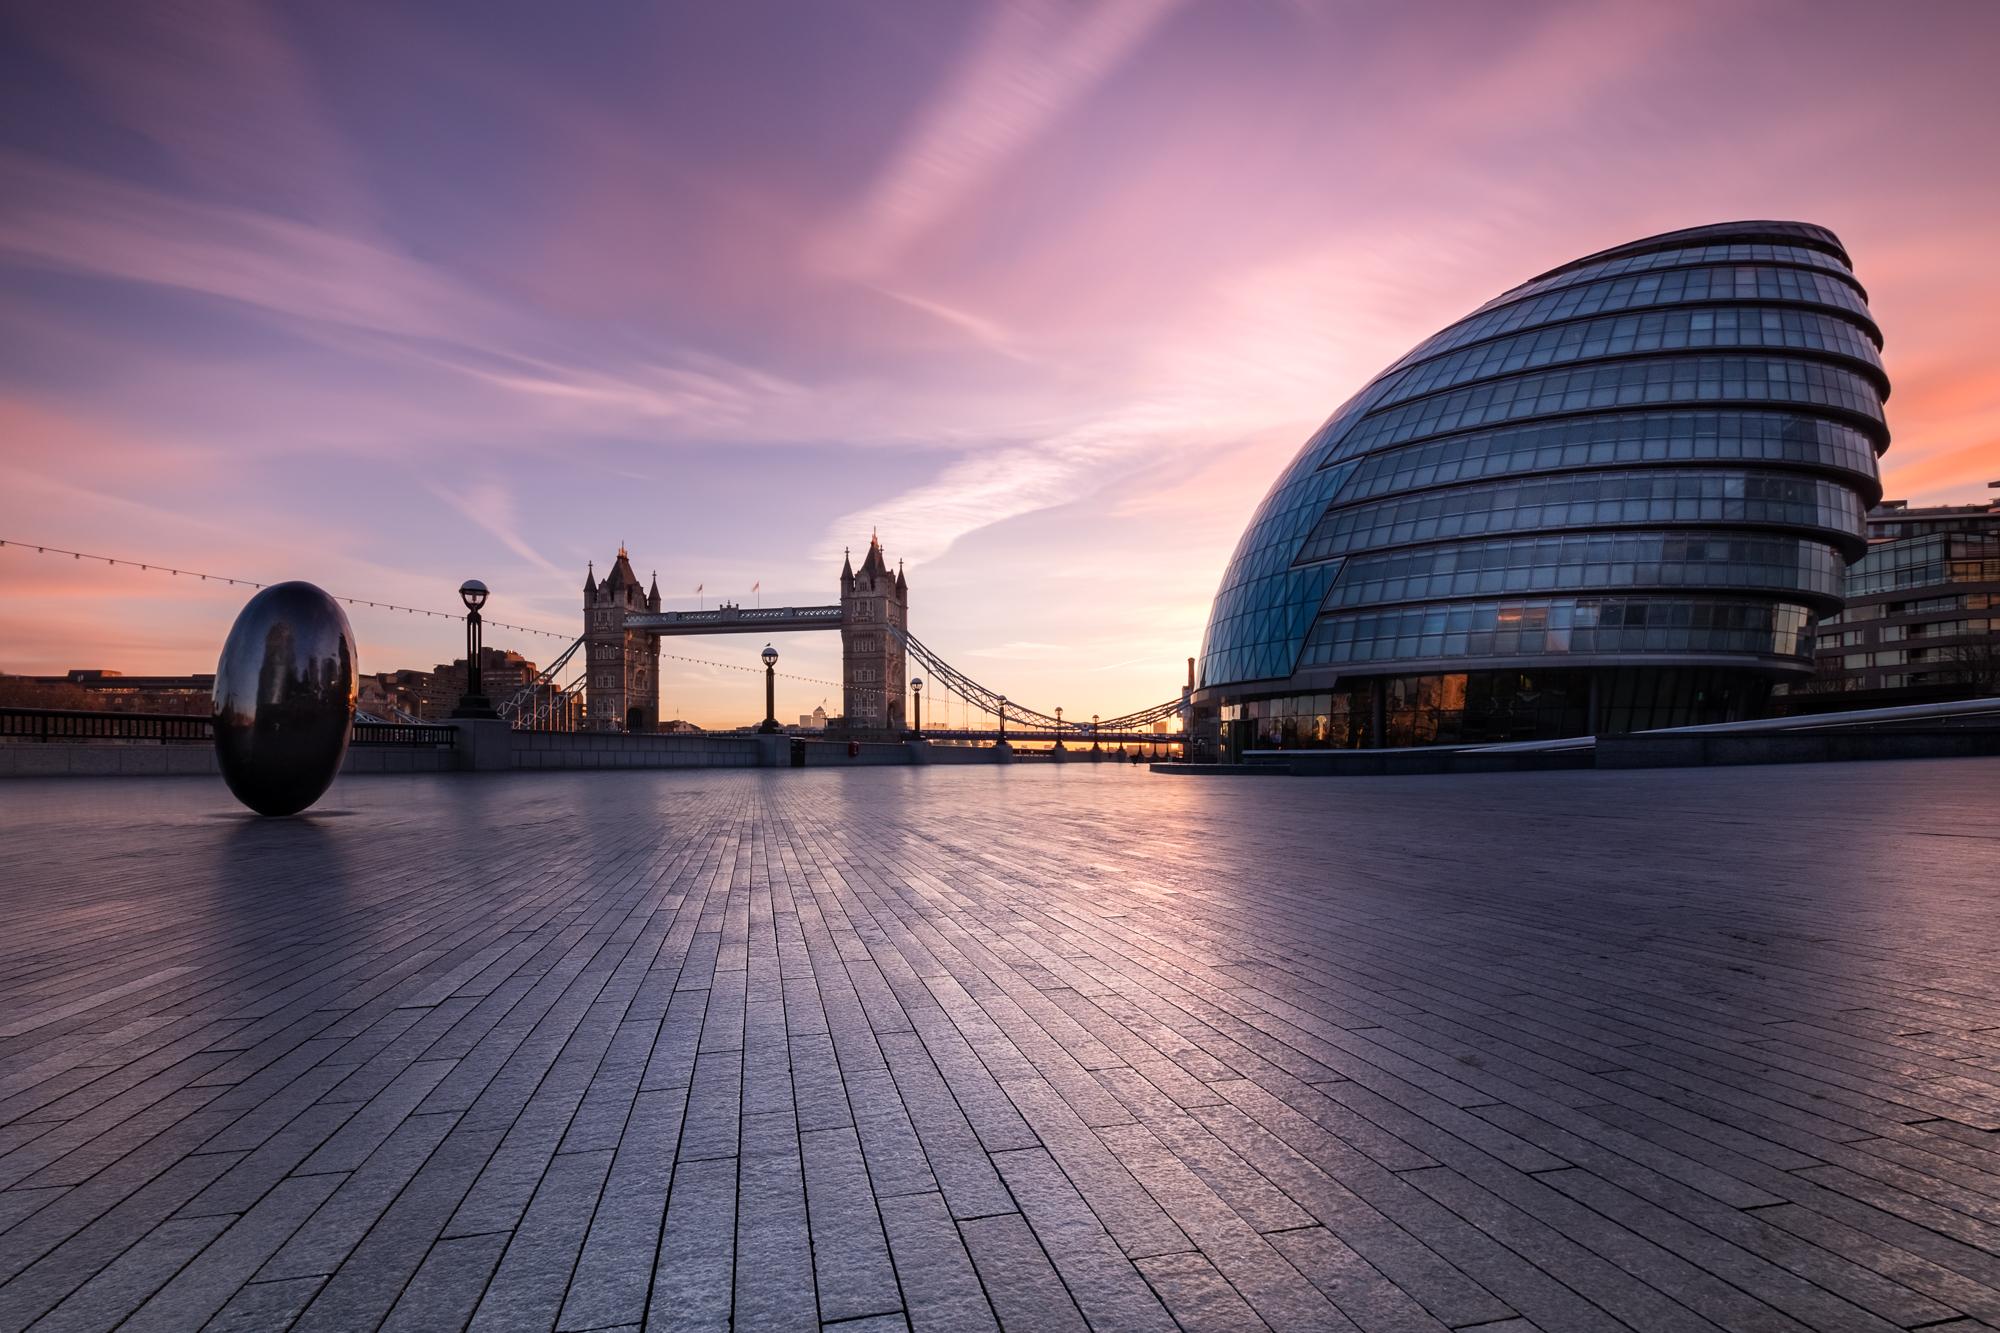 Sunrise at City Hall II, London